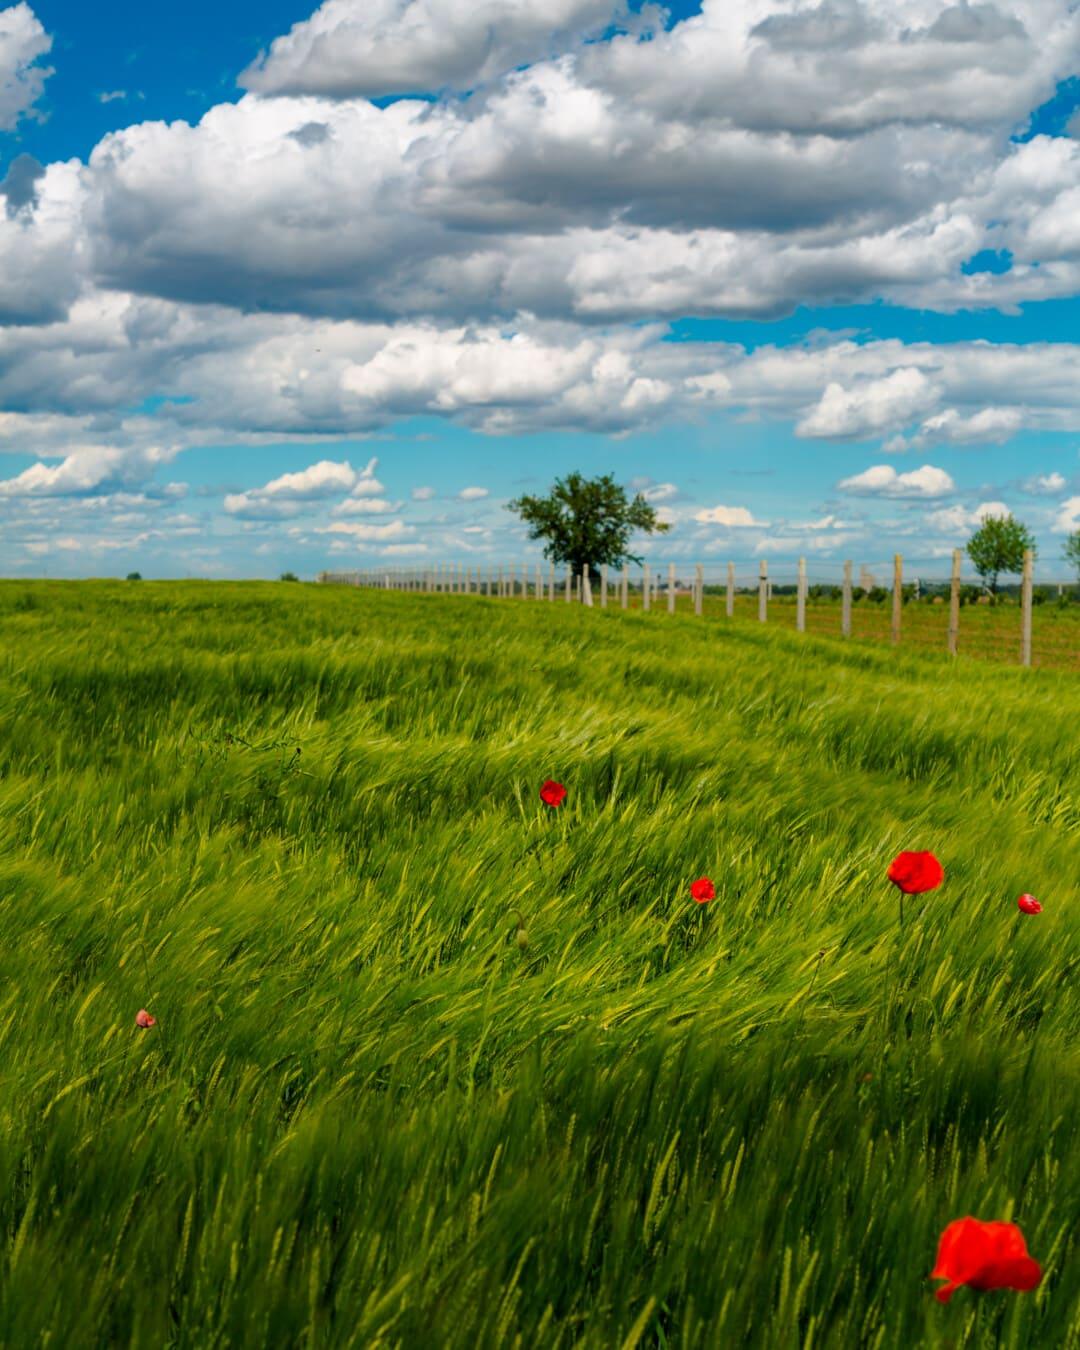 Wind, Ackerland, Weizenfeld, Feld, des ländlichen Raums, Sommer, Rasen, Wolke, Landschaft, Wiese